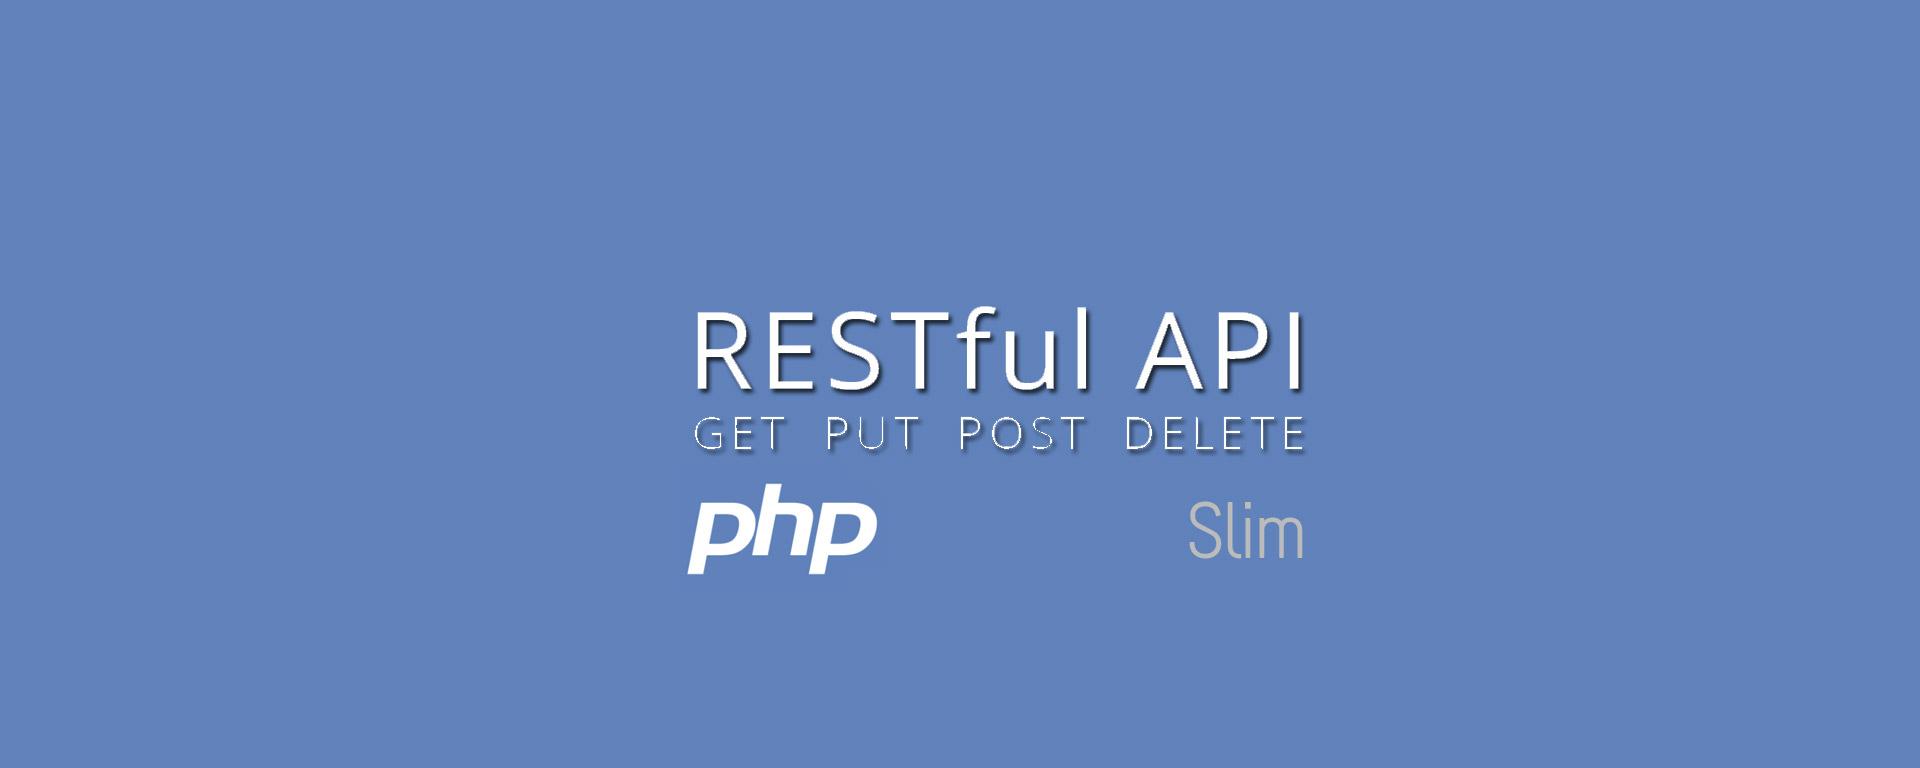 Restfull-API-php-Slim